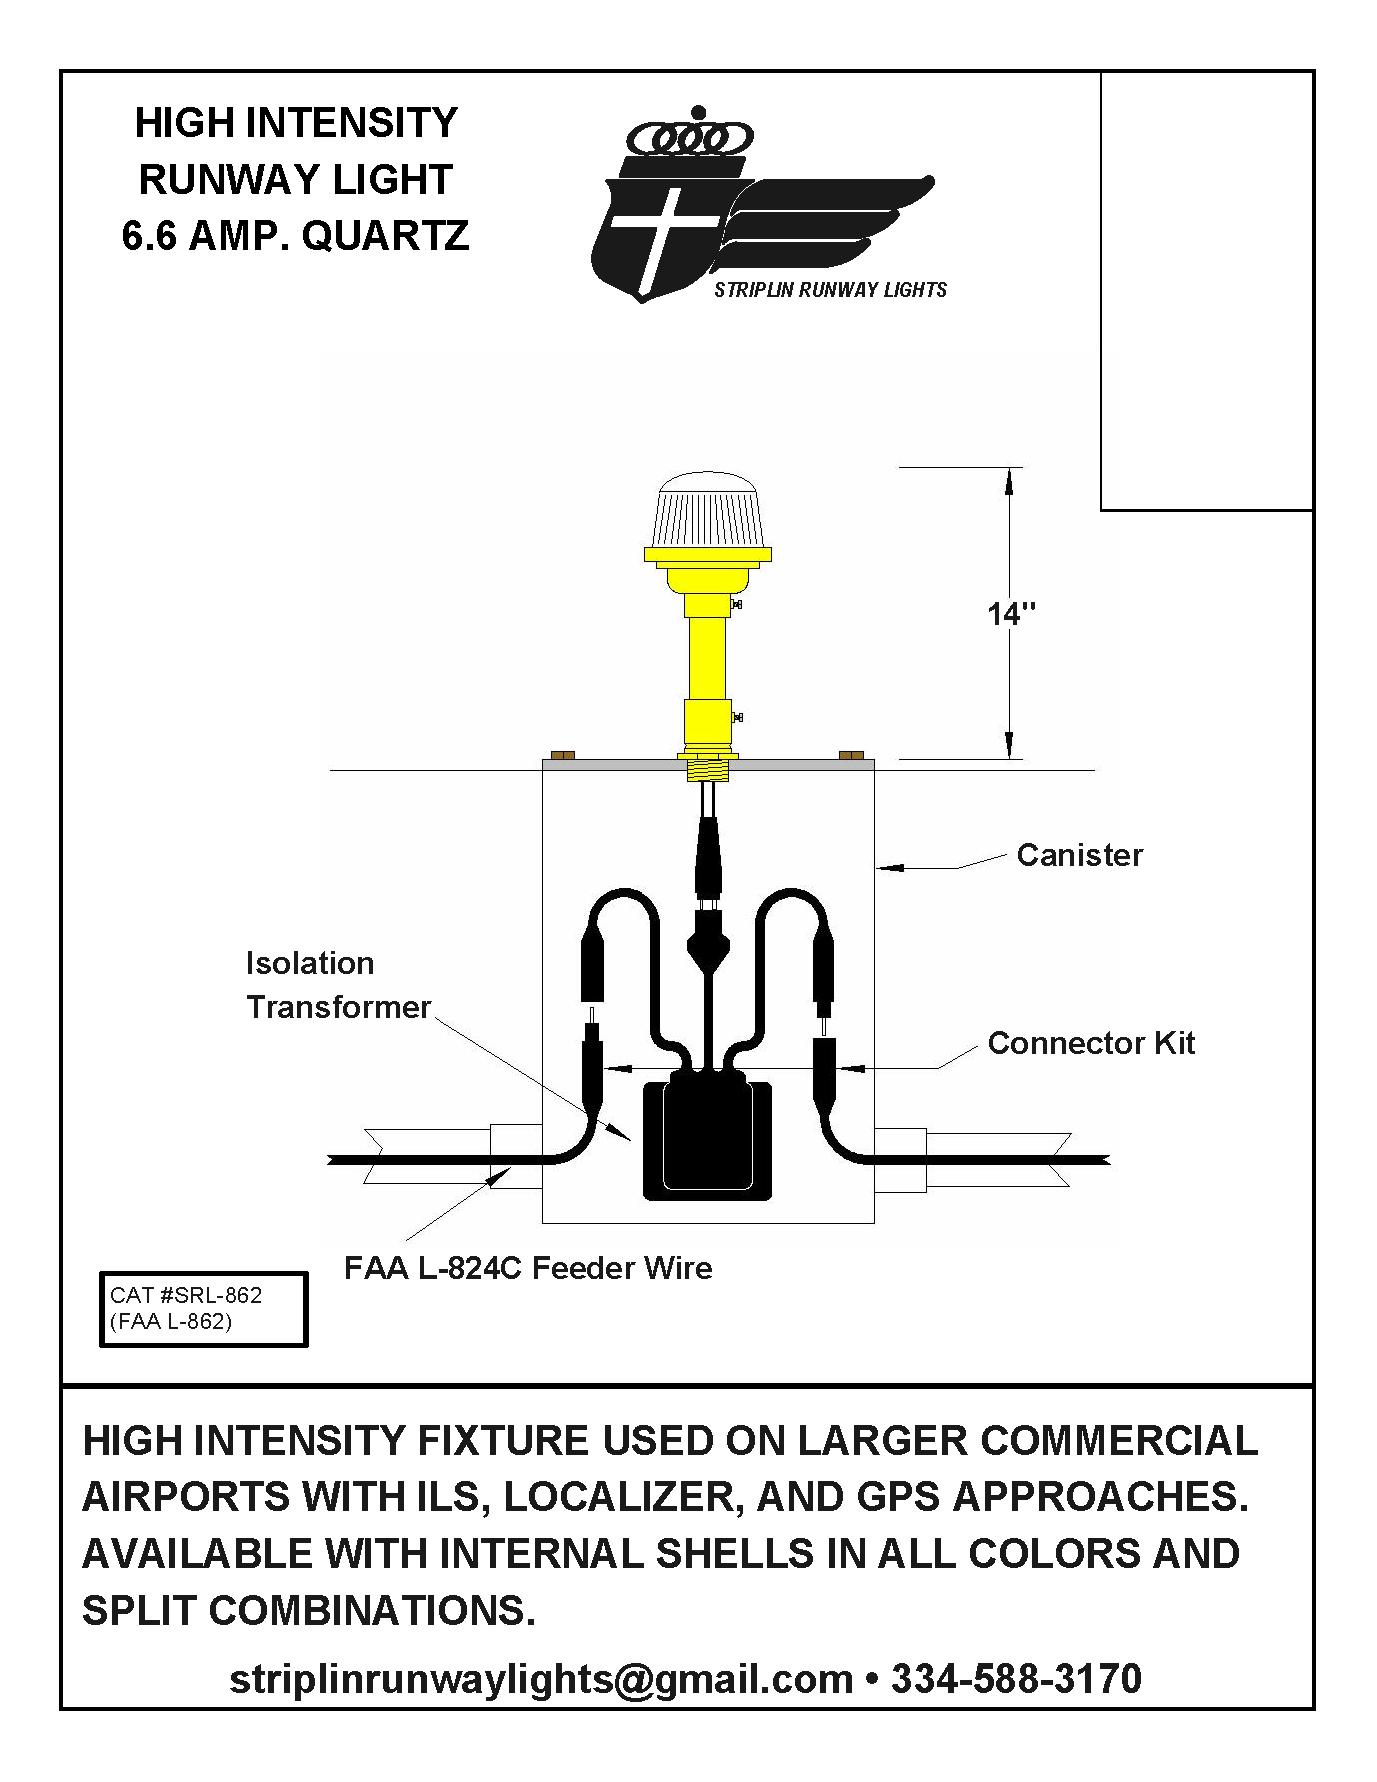 Striplin Runway Lights Highintensityrunwaylight: Airport Lighting Wiring Diagram At Aslink.org